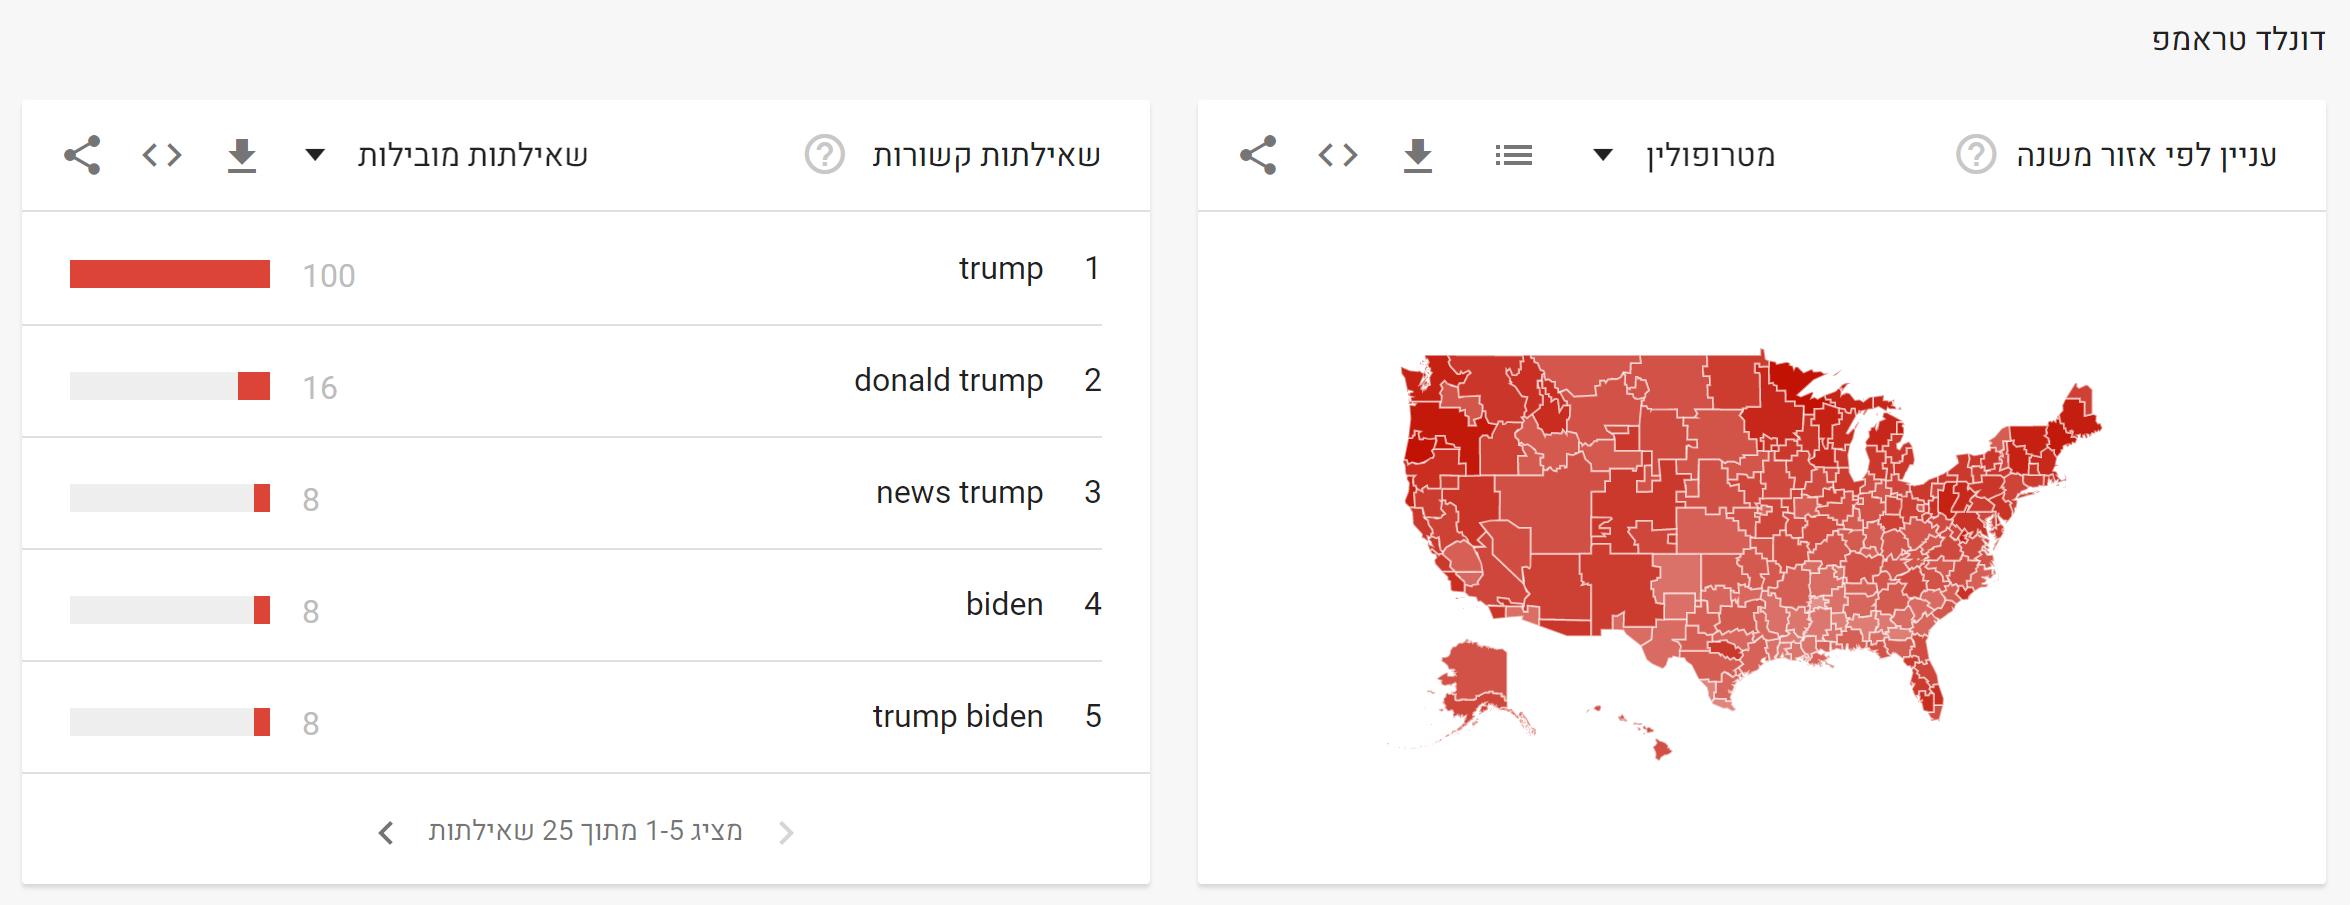 בחירות ארהב 2020 גוגל (7)